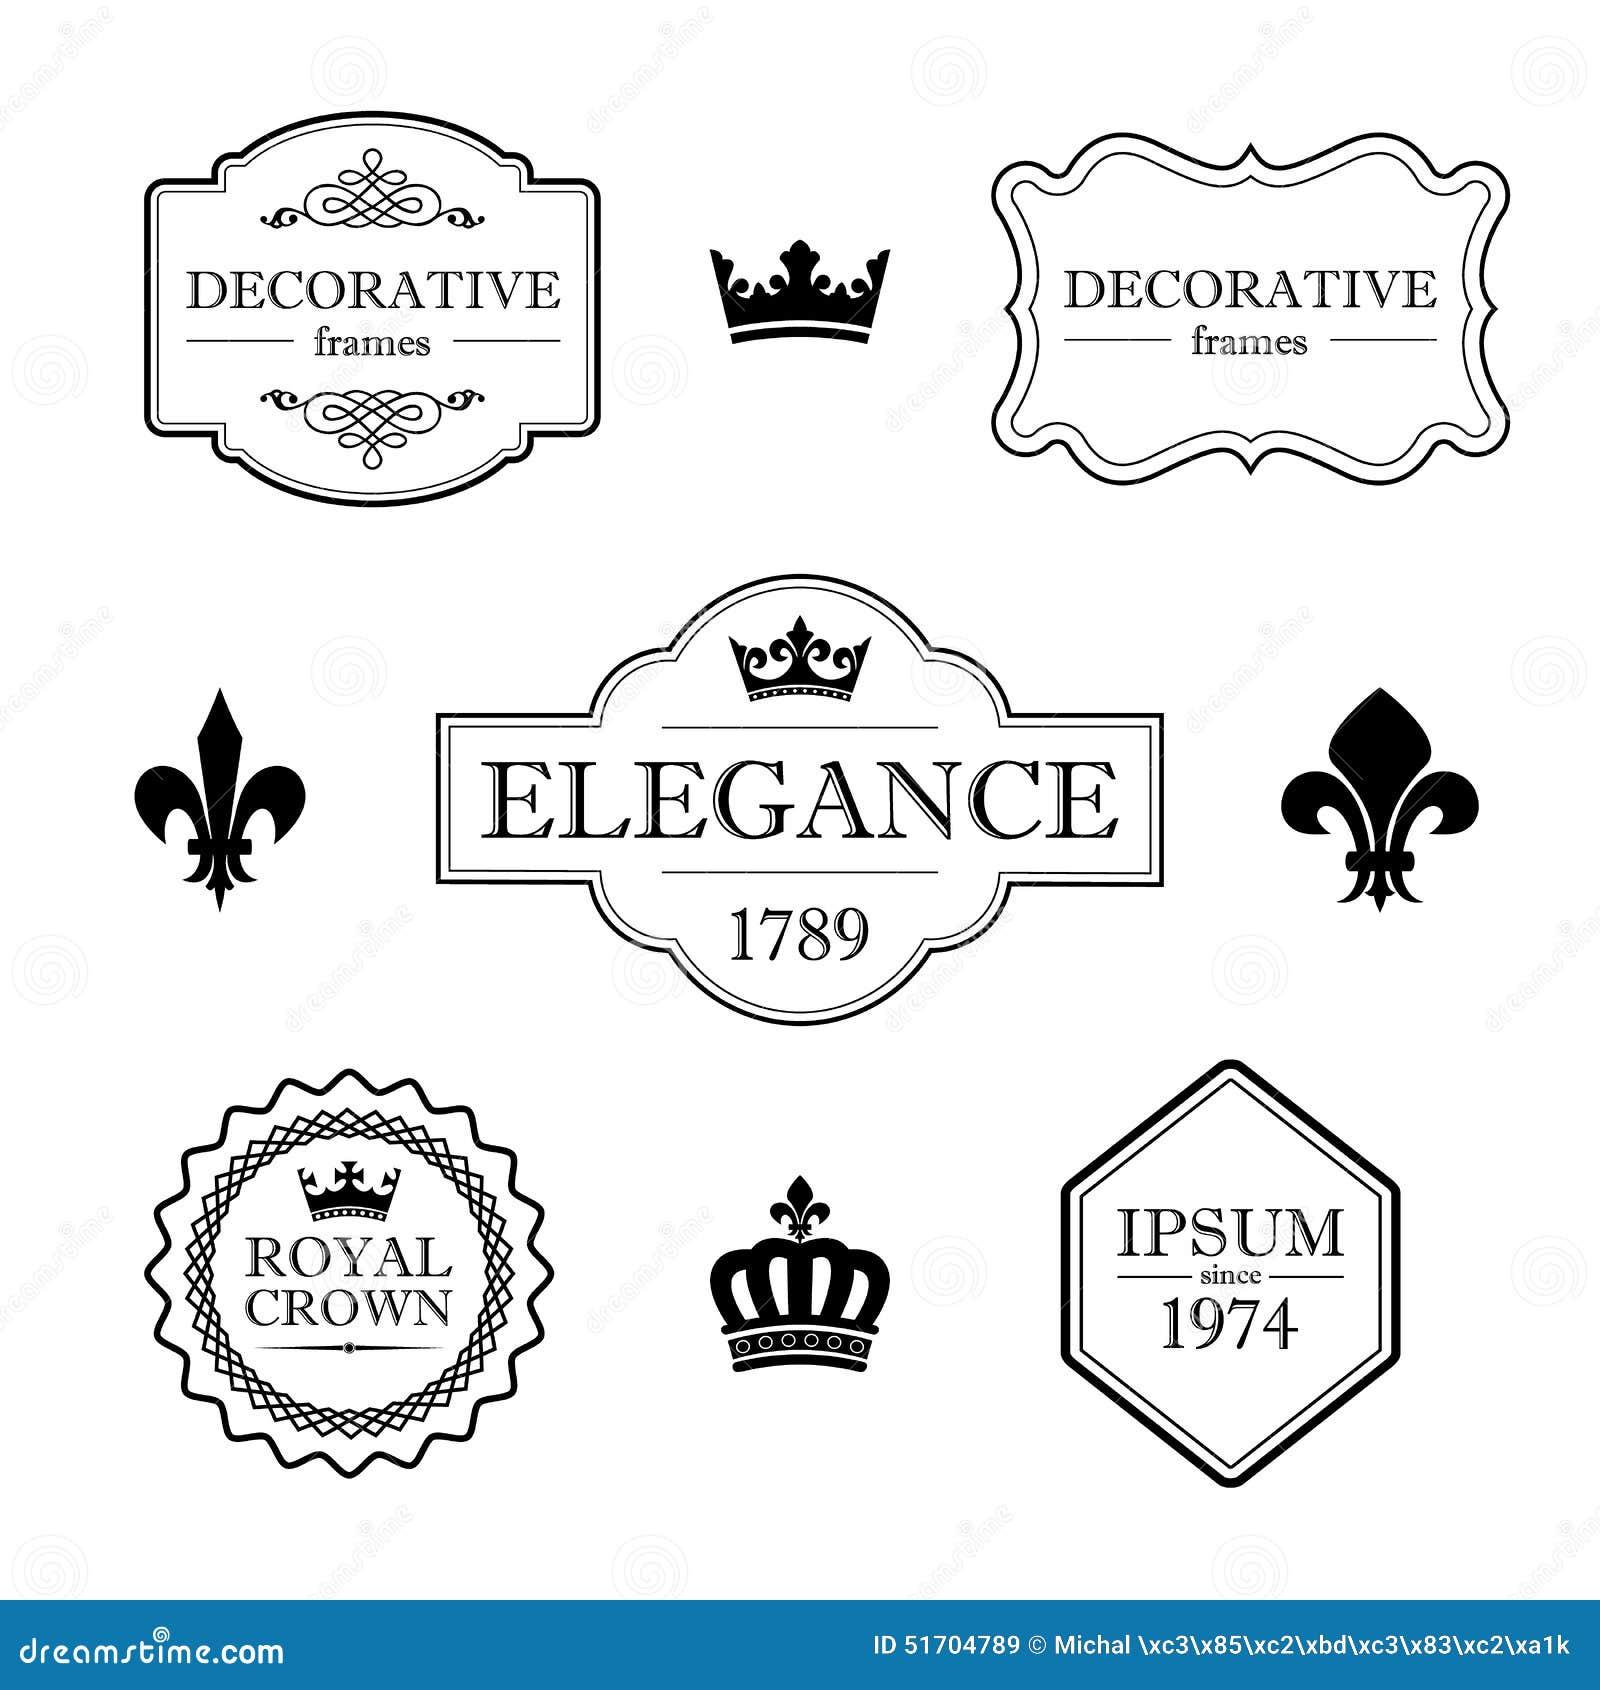 Set of calligraphic flourish design elements - fleur de lis, crowns, frames and borders - decorative vintage style